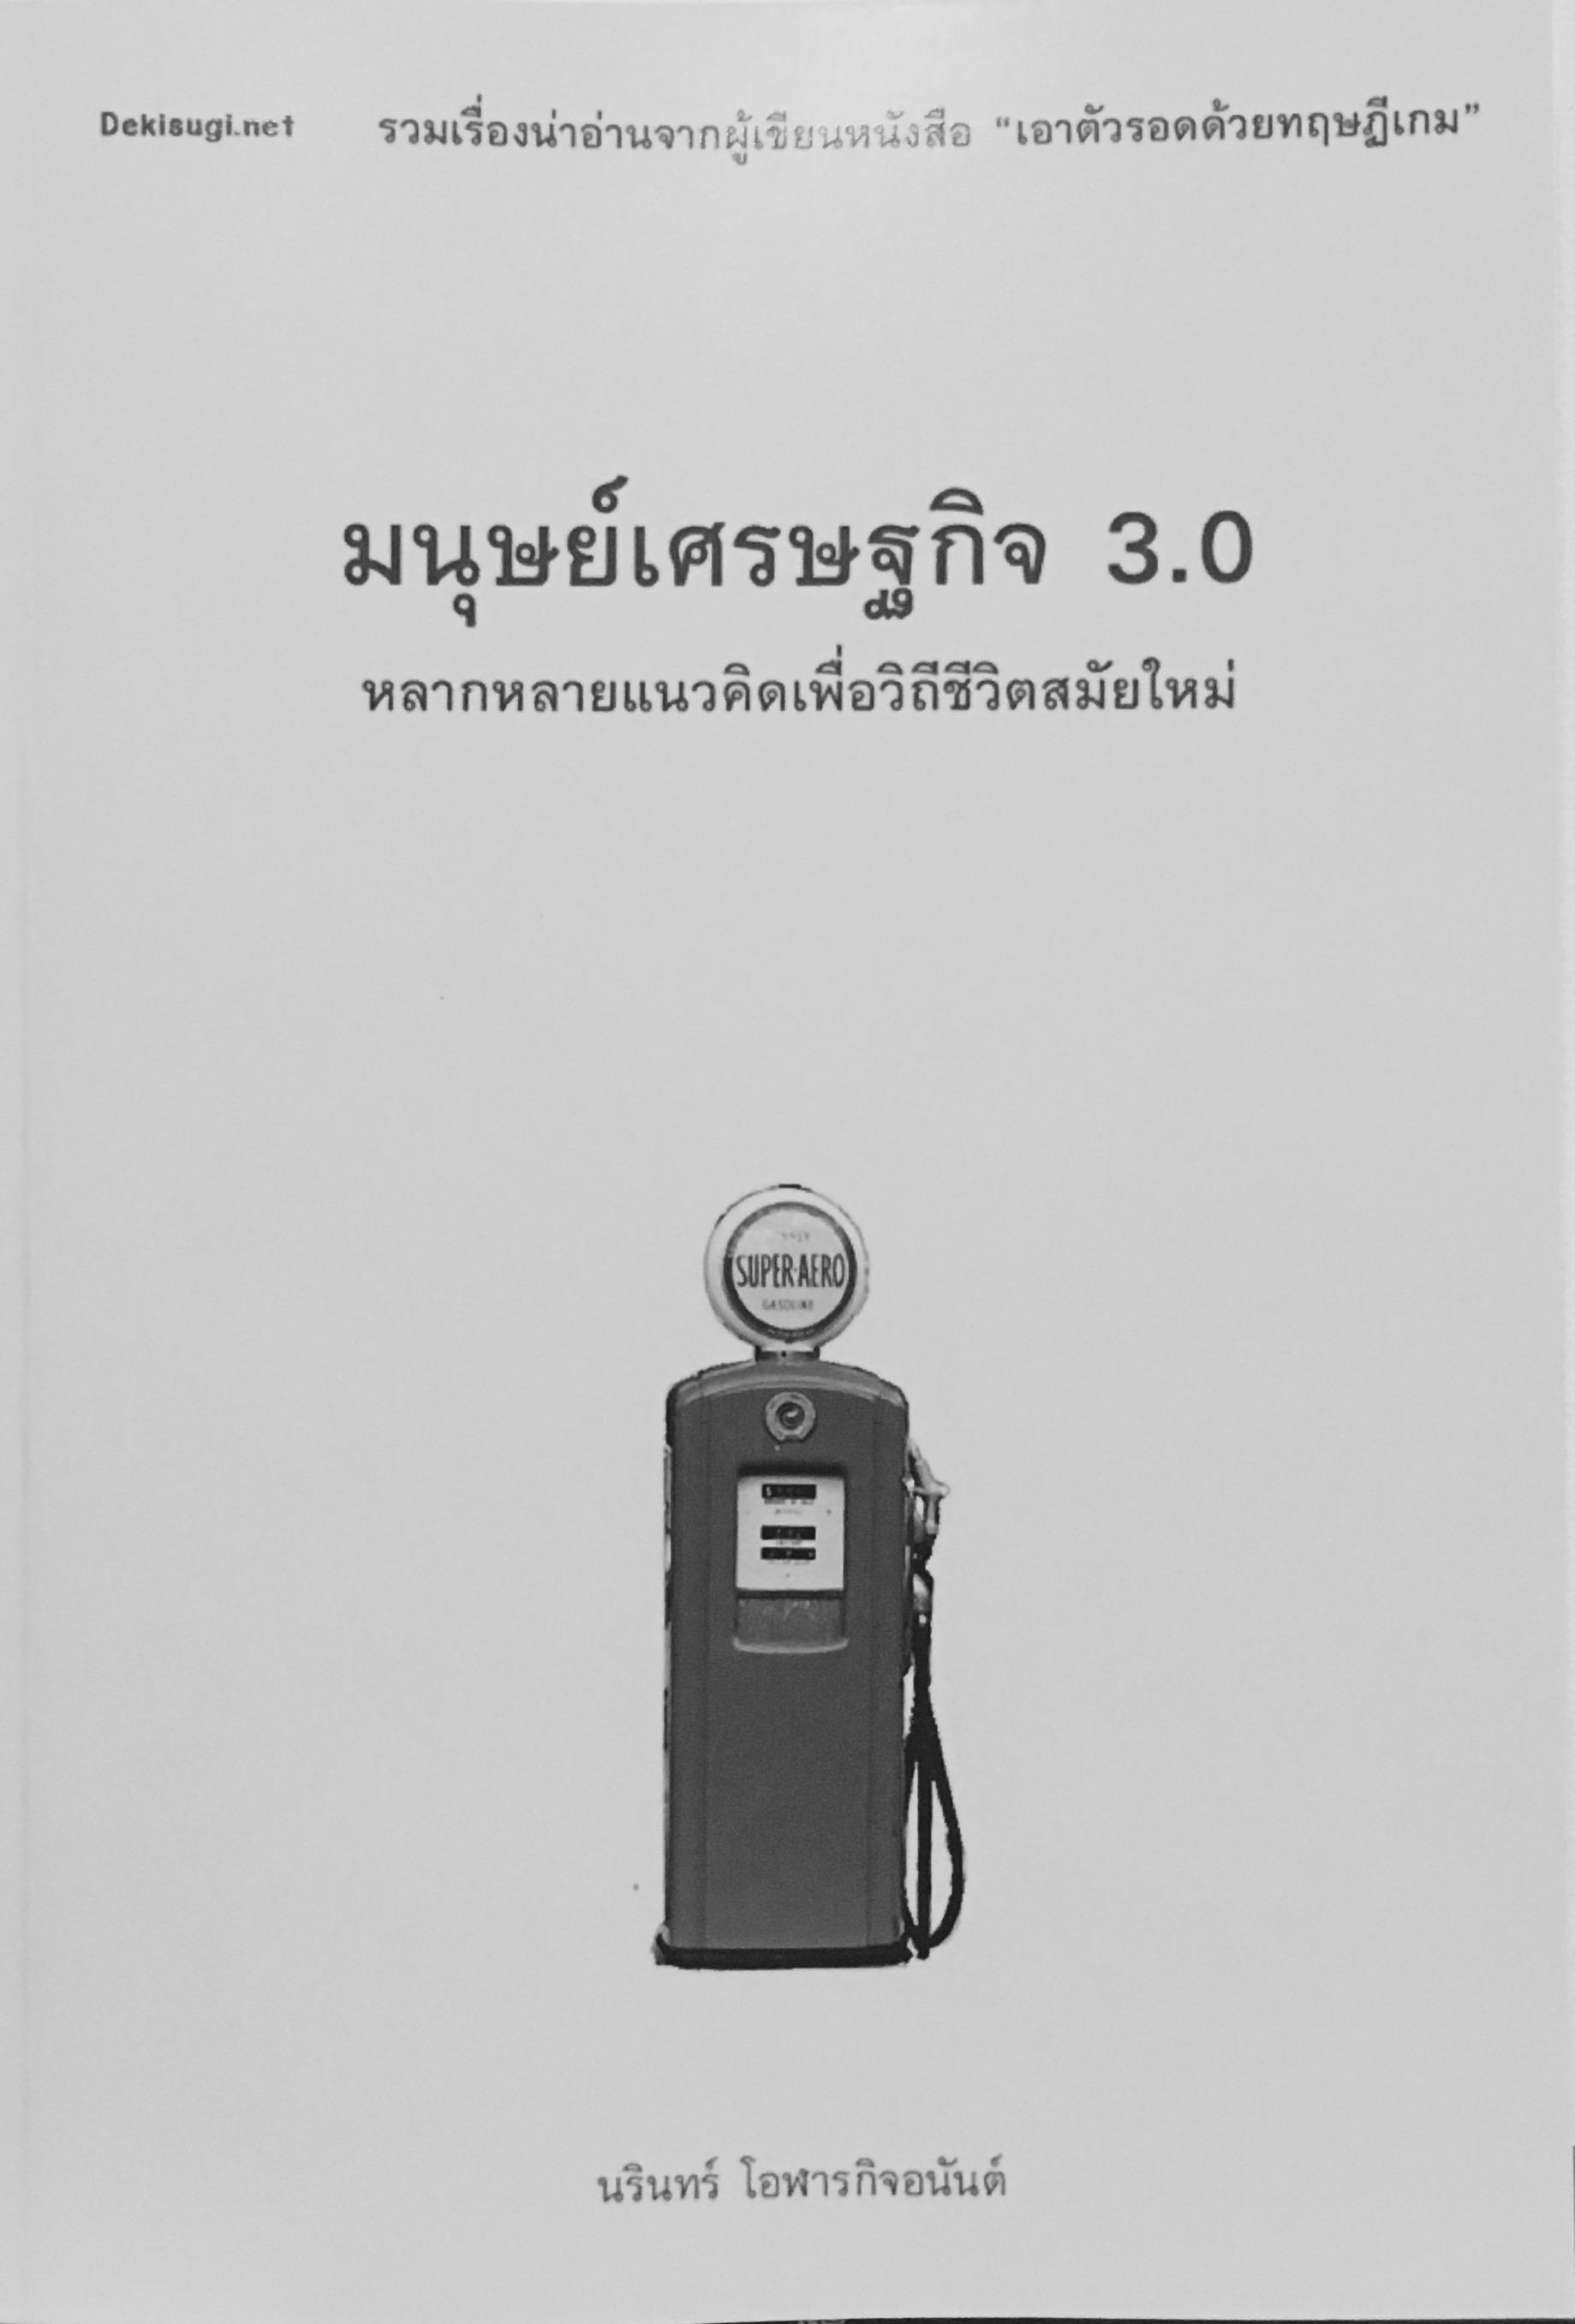 มนุษย์เศรษฐกิจ 3.0